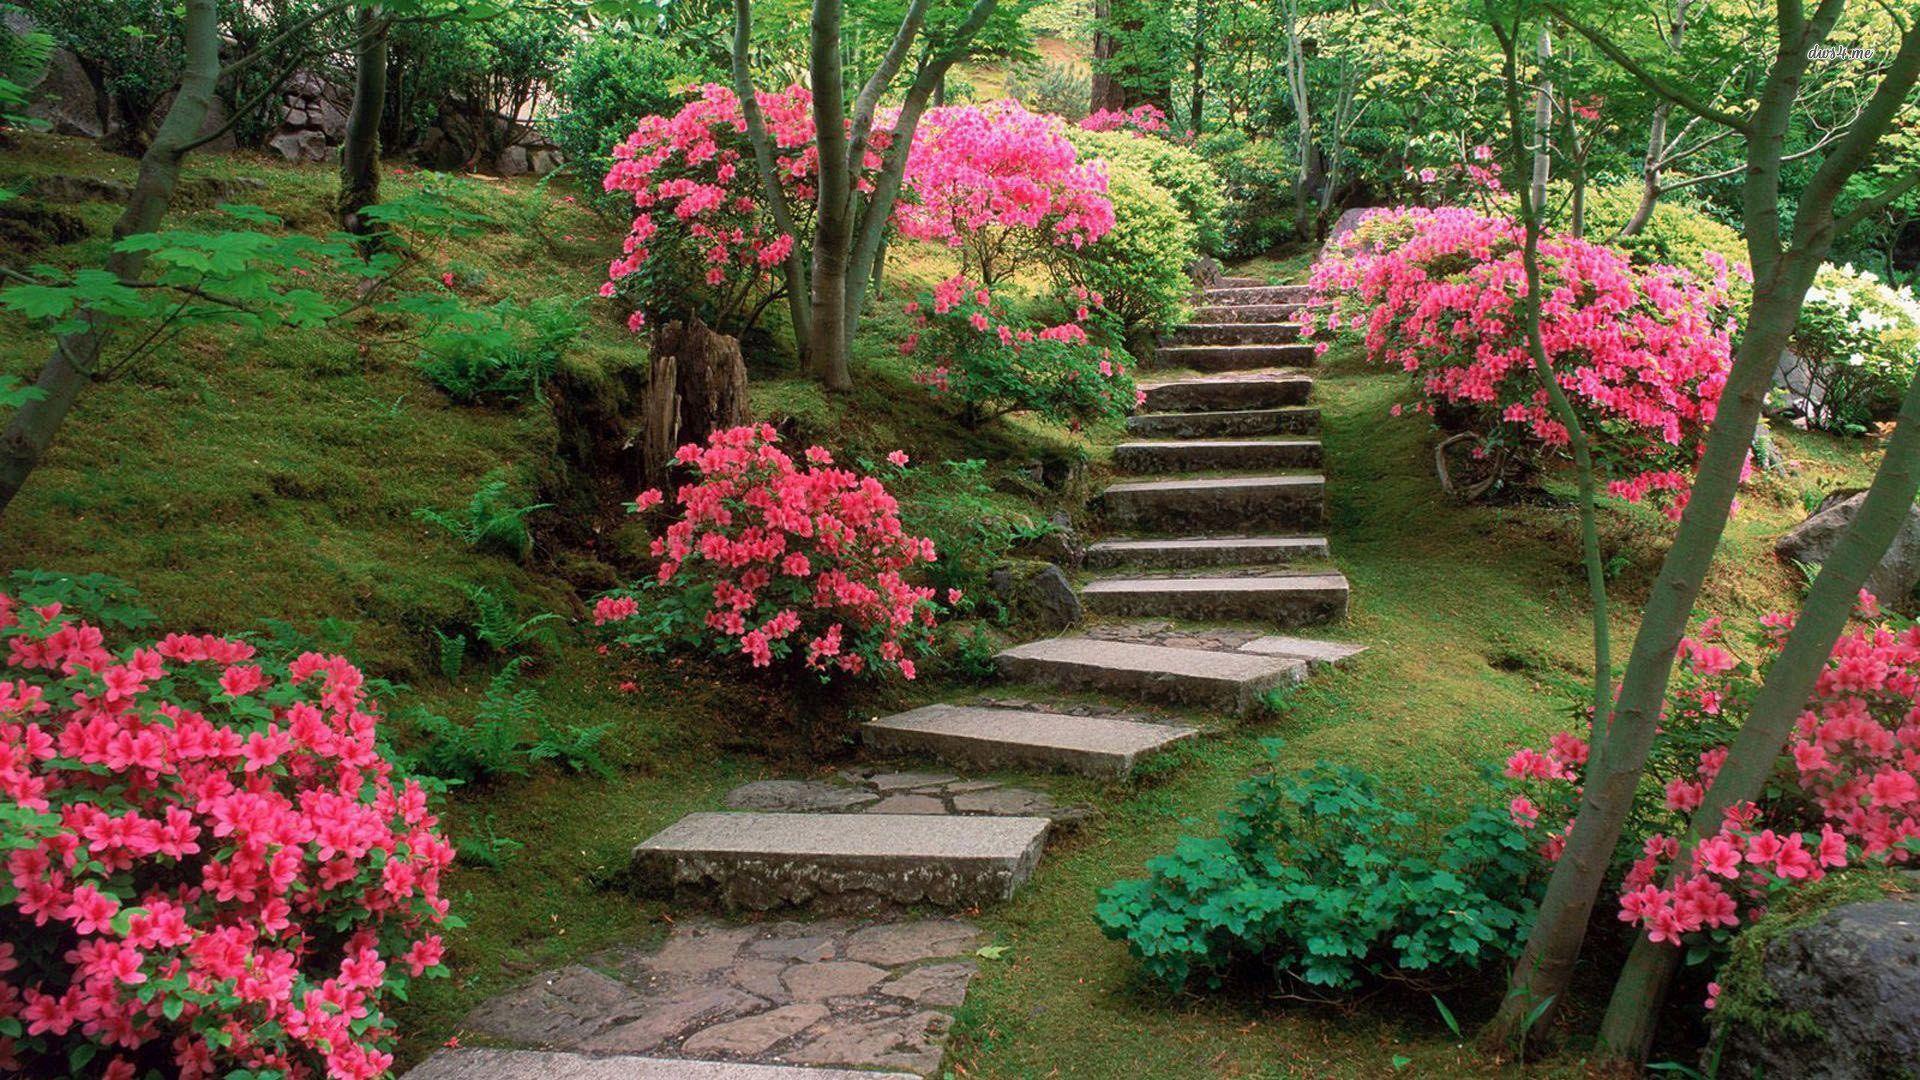 1920x1200 Japanese Garden HD Wallpaper 57 Images